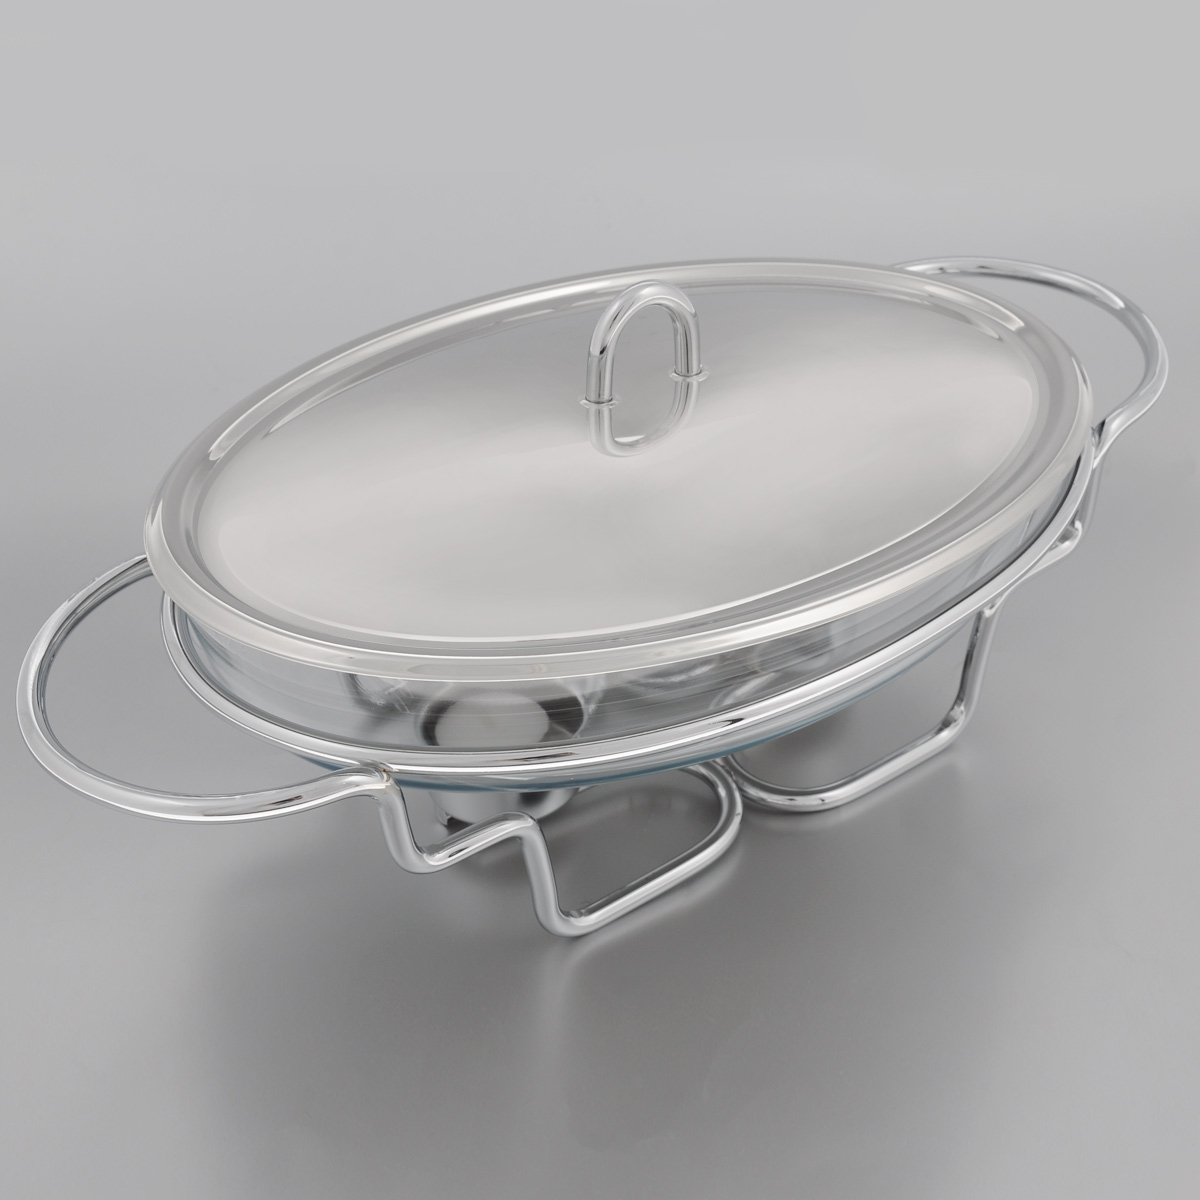 Мармит Mayer & Boch, с подогревом, 2 л58757Мармит Mayer & Boch, изготовленный из стекла и нержавеющей стали, позволит вам довольно длительное время сохранять температуру блюда и создаст романтическую обстановку. Мармит предназначен для приготовления блюд в духовке и микроволновой печи. Благодаря красивому дизайну мармит можно сразу подавать на стол, не перекладывая блюдо на сервировочные тарелки. Его действие основано на принципе водяной бани. Под емкостью установлено 2 свечи (входят в комплект), которые, в свою очередь, нагревают продукты. Таким образом, данное кухонное приспособление - превосходный способ не дать блюду остыть. При этом пища не пригорает, не пересыхает, сохраняет все свои питательные и вкусовые качества. Стеклянное блюдо можно использовать в микроволновой печи и духовке. Можно мыть в посудомоечной машине и ставить в холодильник. Размер блюда (по верхнему краю): 30 х 21 см.Ширина мармита (с учетом ручек): 42 см.Высота мармита: 11 см.Диаметр свечи: 3,7 см.